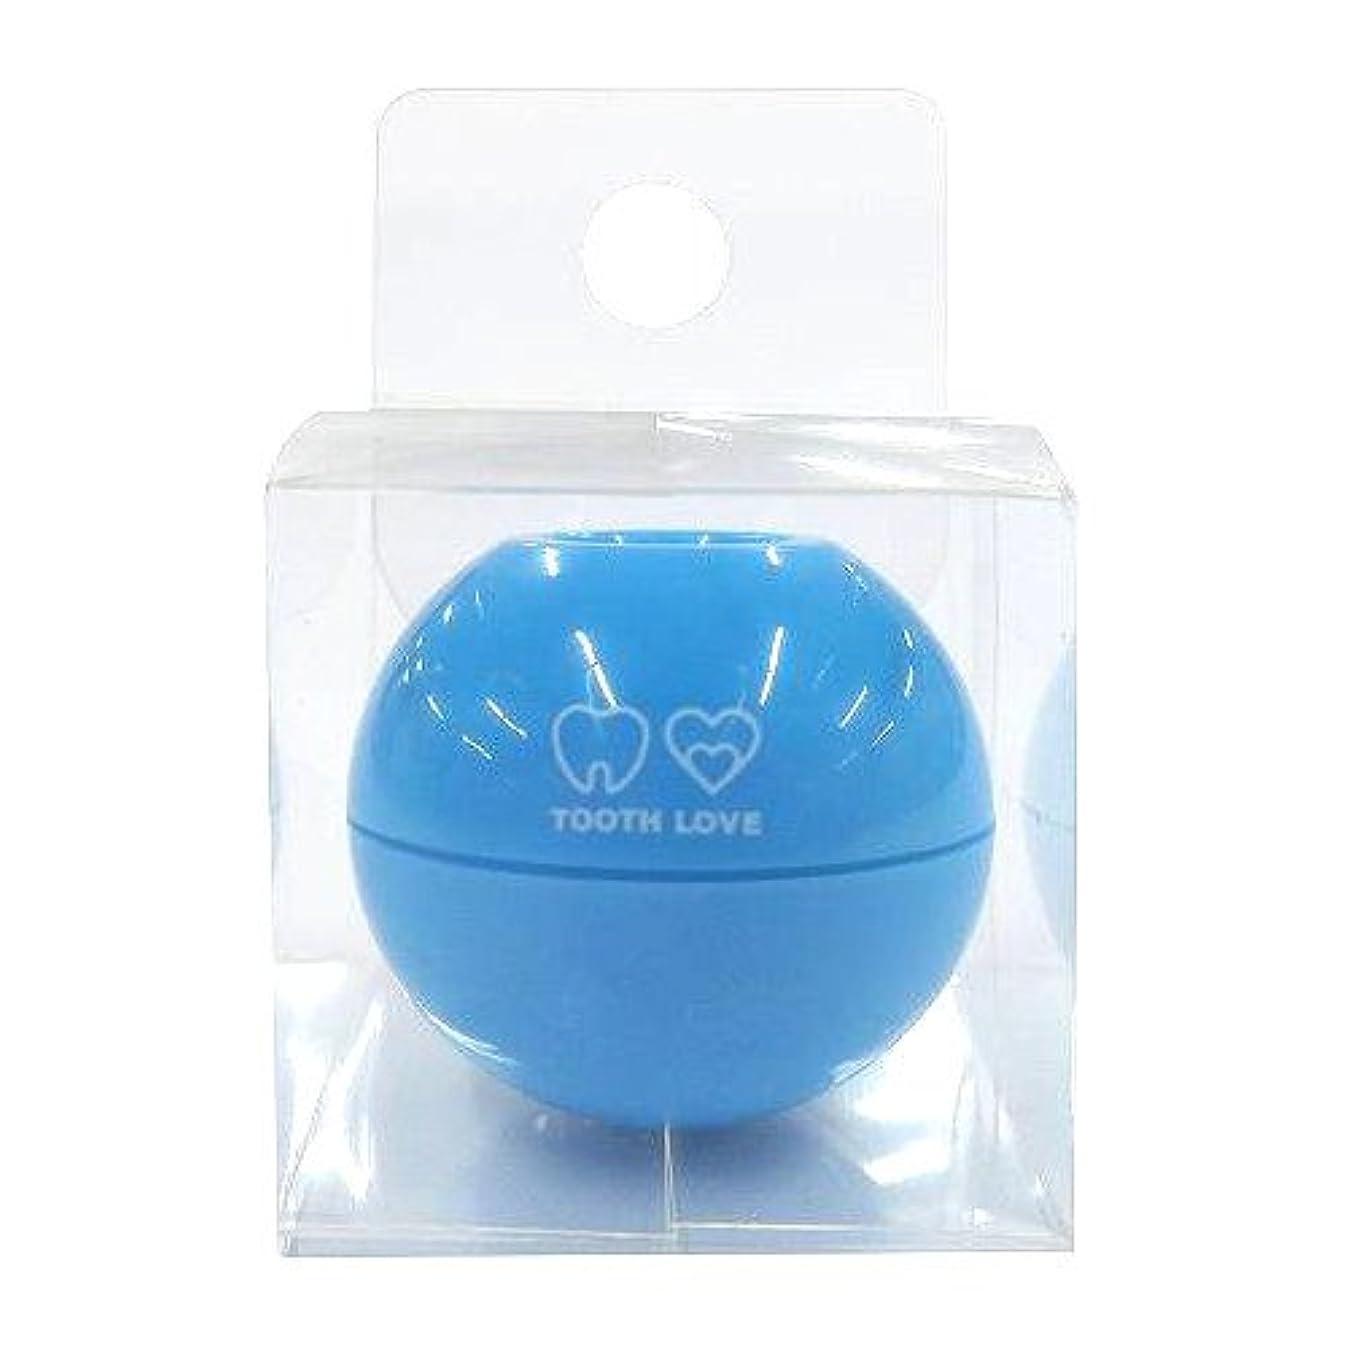 スリット有効肌TOOTH LOVE BALL ホルダー (歯間ブラシホルダー) ブルー